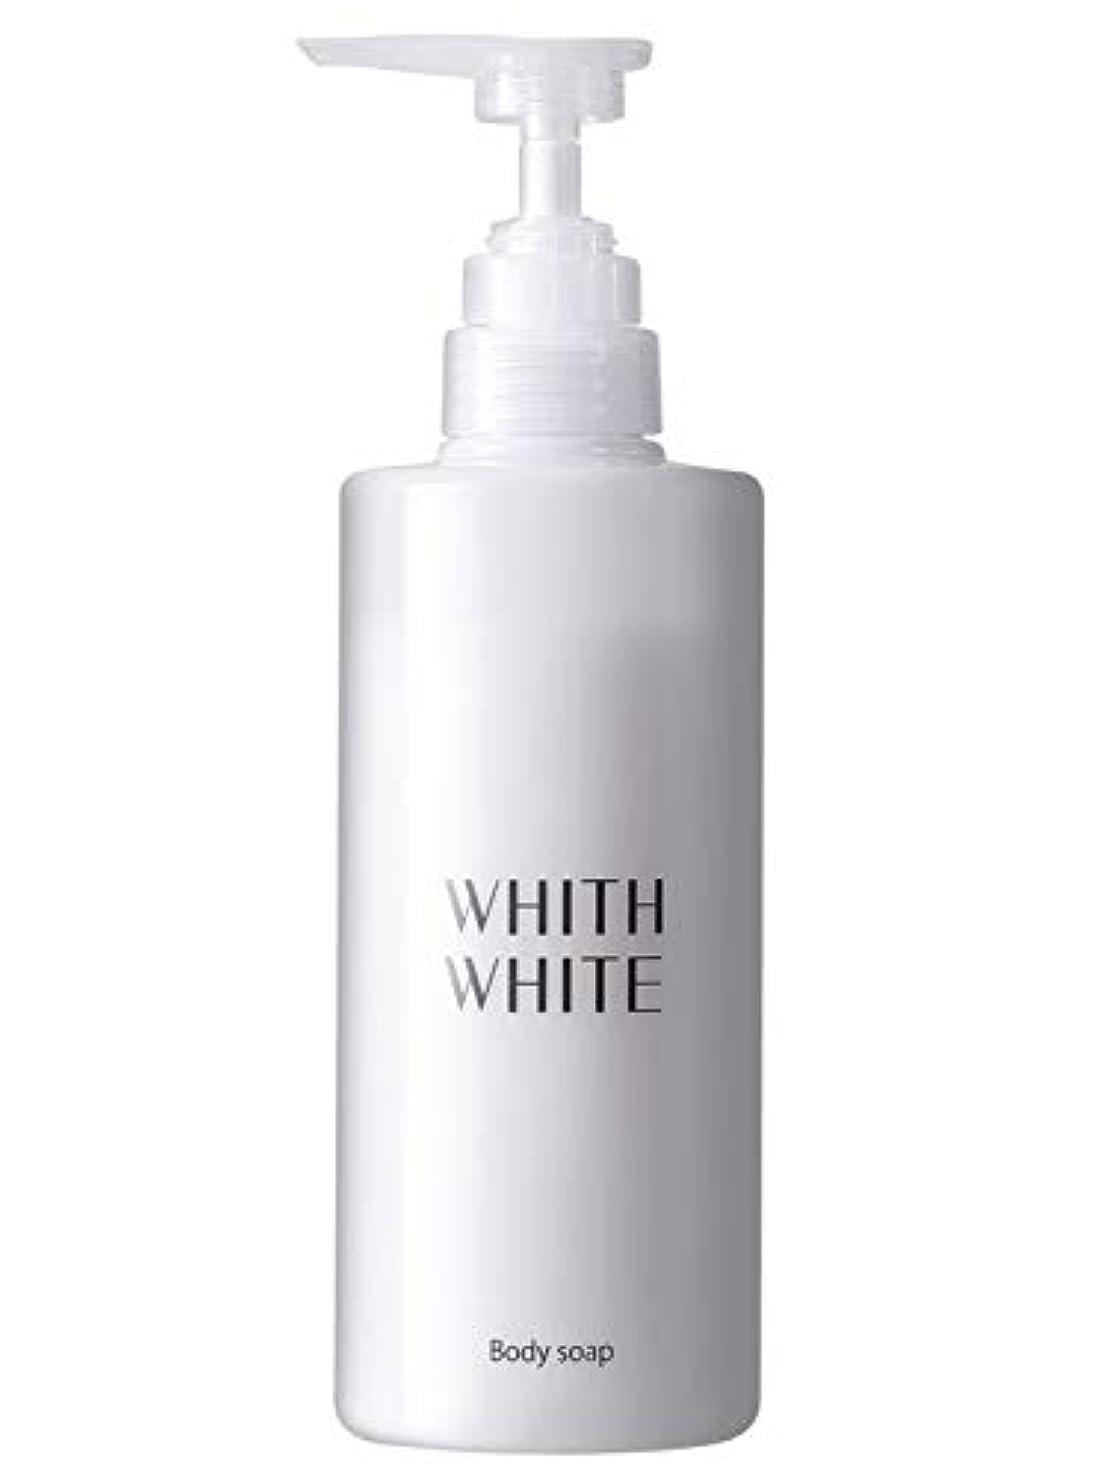 放送つらい湖フィス ホワイト ボディソープ 【 エレガントフローラルのいい香り 】 無添加 保湿 ボディーソープ 「 泡で黒ずみ さっぱり ボディシャンプー 」「 ヒアルロン酸 コラーゲン セラミド 配合」450ml